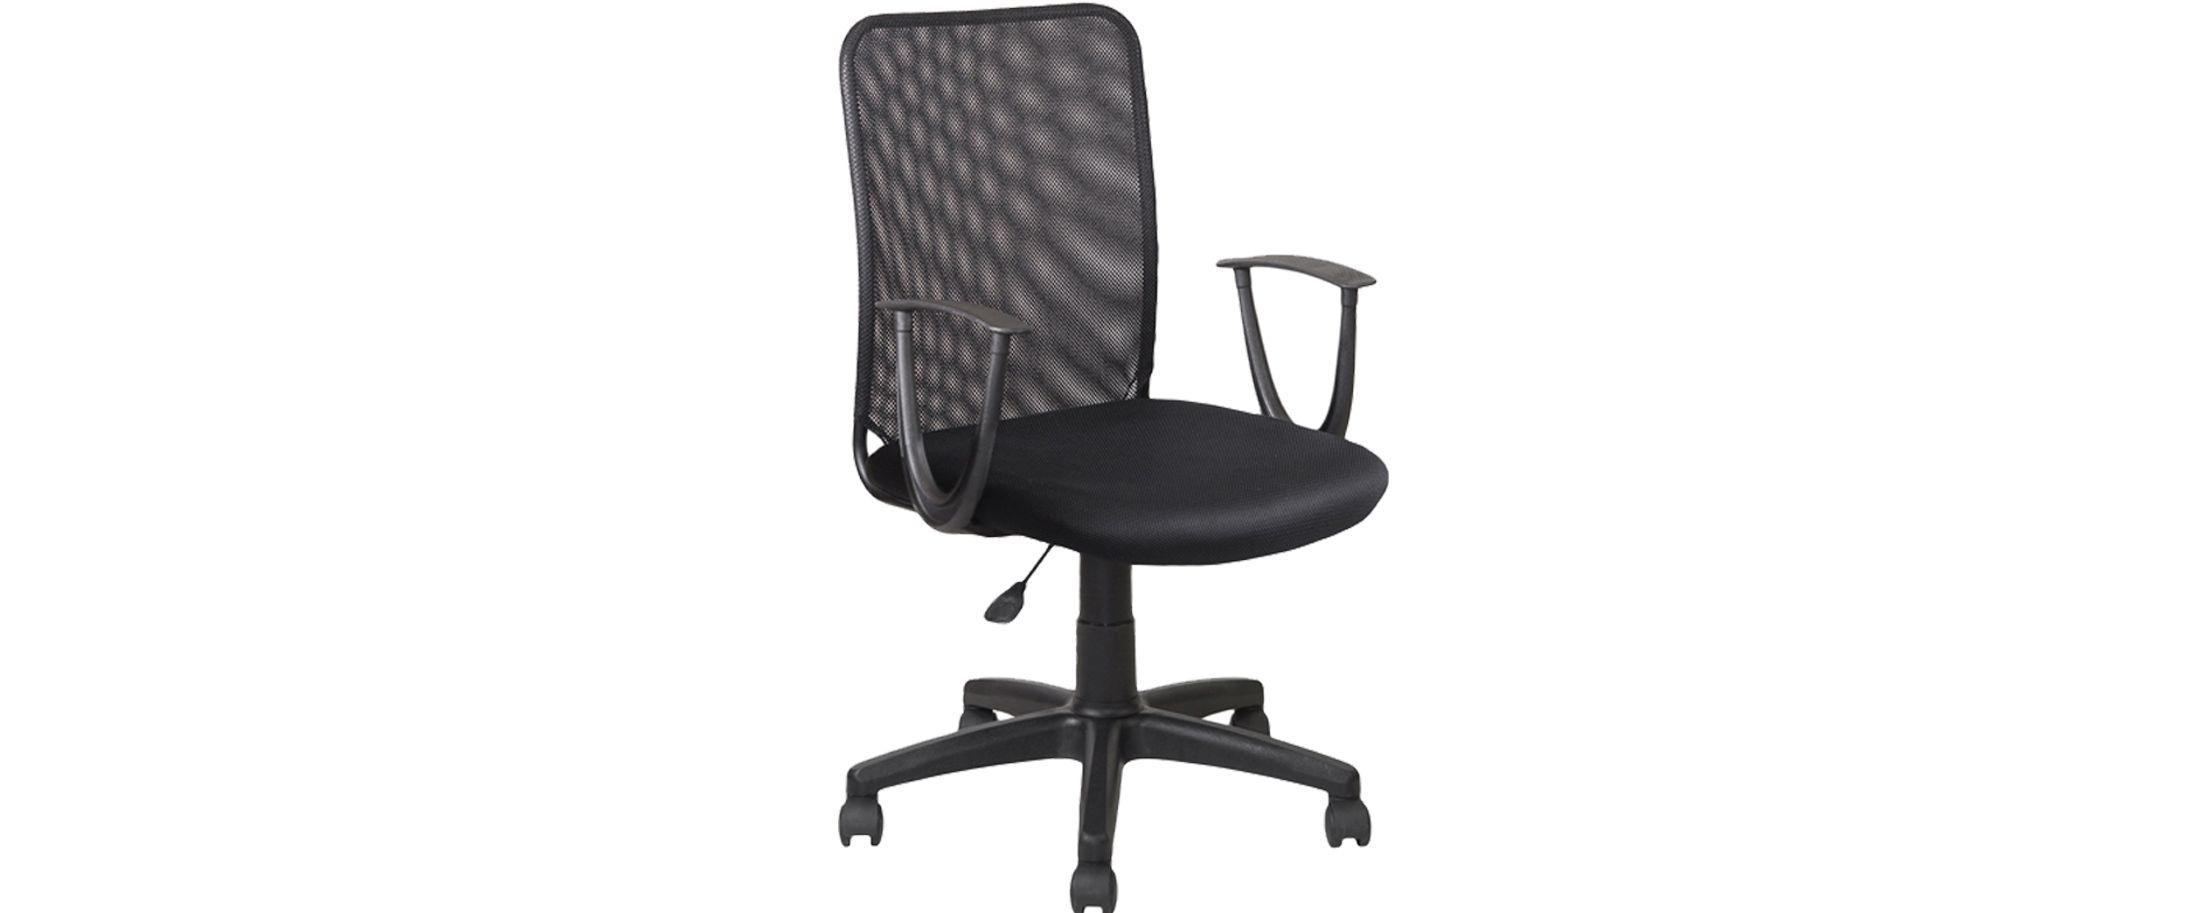 Кресло офисное AV 220 сетка черная Модель 999Кресло офисное AV 220 сетка черная Модель 999. Артикул Д000748<br><br>Ширина см: 50<br>Глубина см: 57<br>Высота см: 99<br>Цвет: Черный